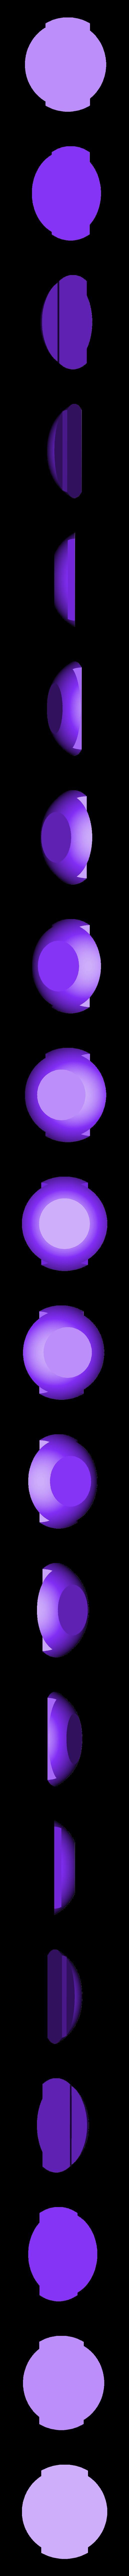 Egg1.stl Télécharger fichier STL gratuit Egg 3D puzzle • Design pour impression 3D, DK7